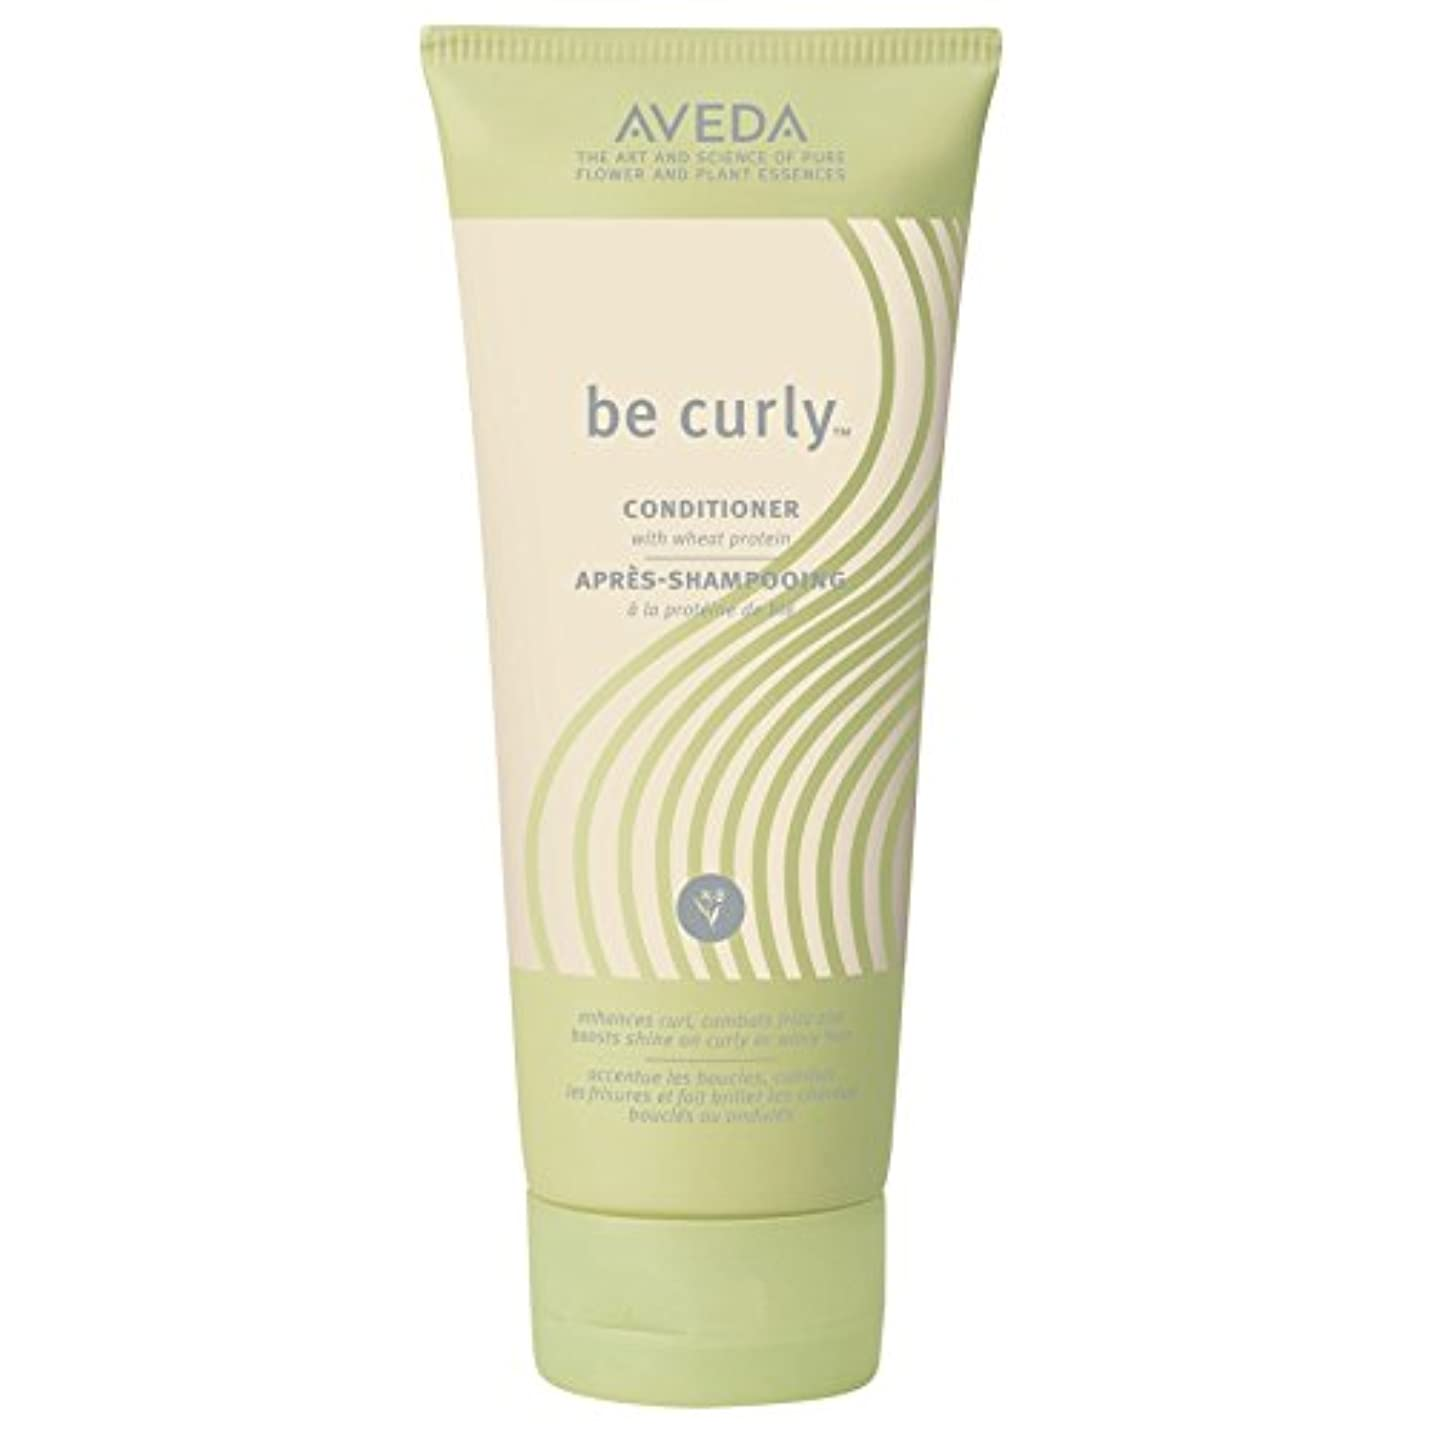 活気づく口実余分な[AVEDA] アヴェダカーリーコンディショナー200Mlこと - Aveda Be Curly Conditioner 200ml [並行輸入品]